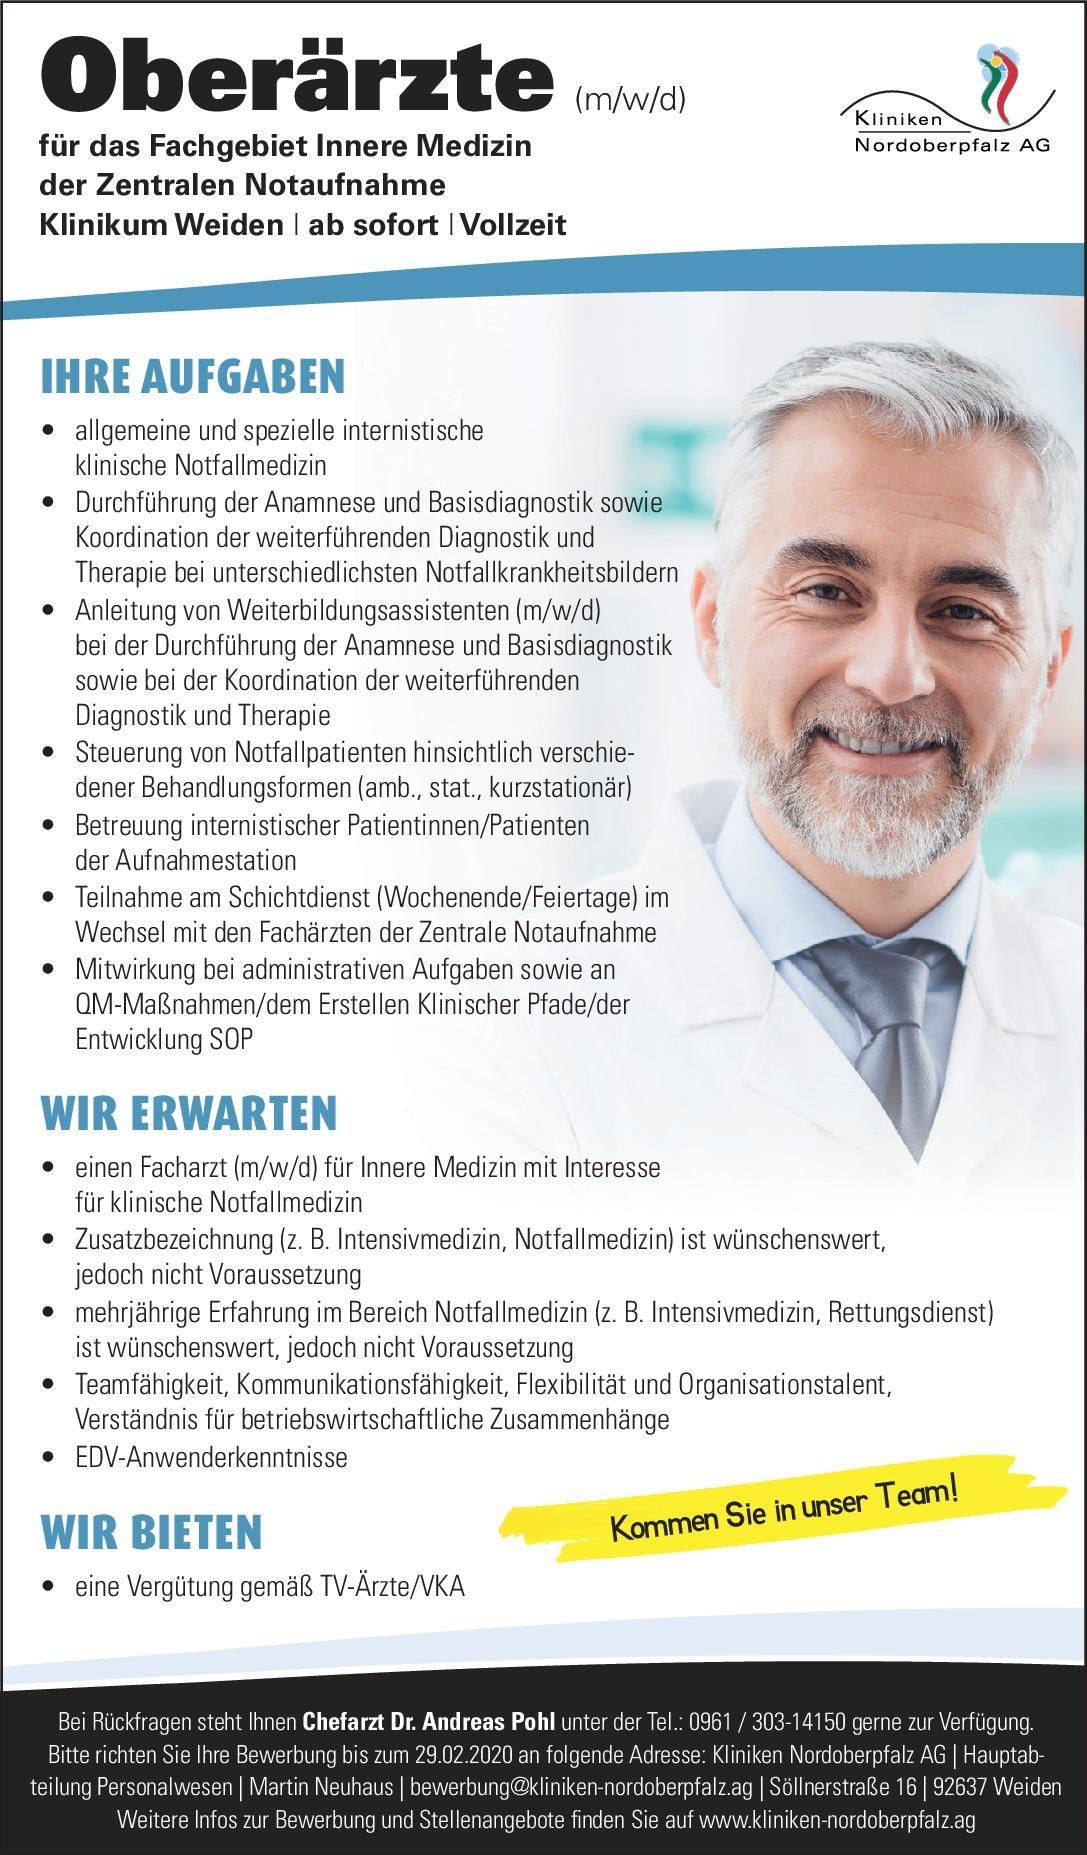 Kliniken Nordoberpfalz AG - Klinikum Weiden Oberärzte für das Fachgebiet Innere Medizin der Zentralen Notaufnahme  Innere Medizin, Innere Medizin, Notfallmedizin Oberarzt